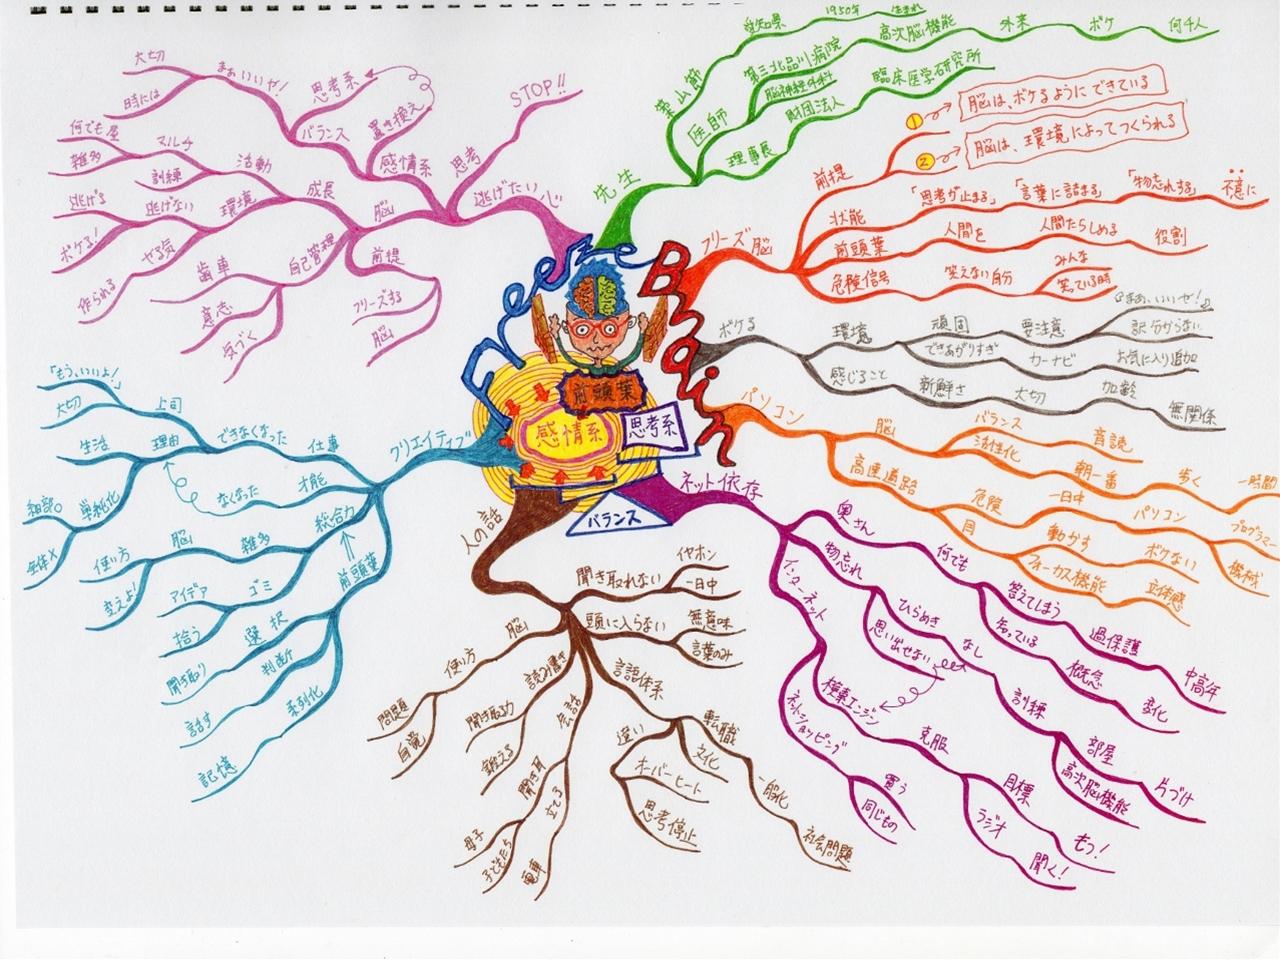 読書マインドマップ『フリーズする脳』